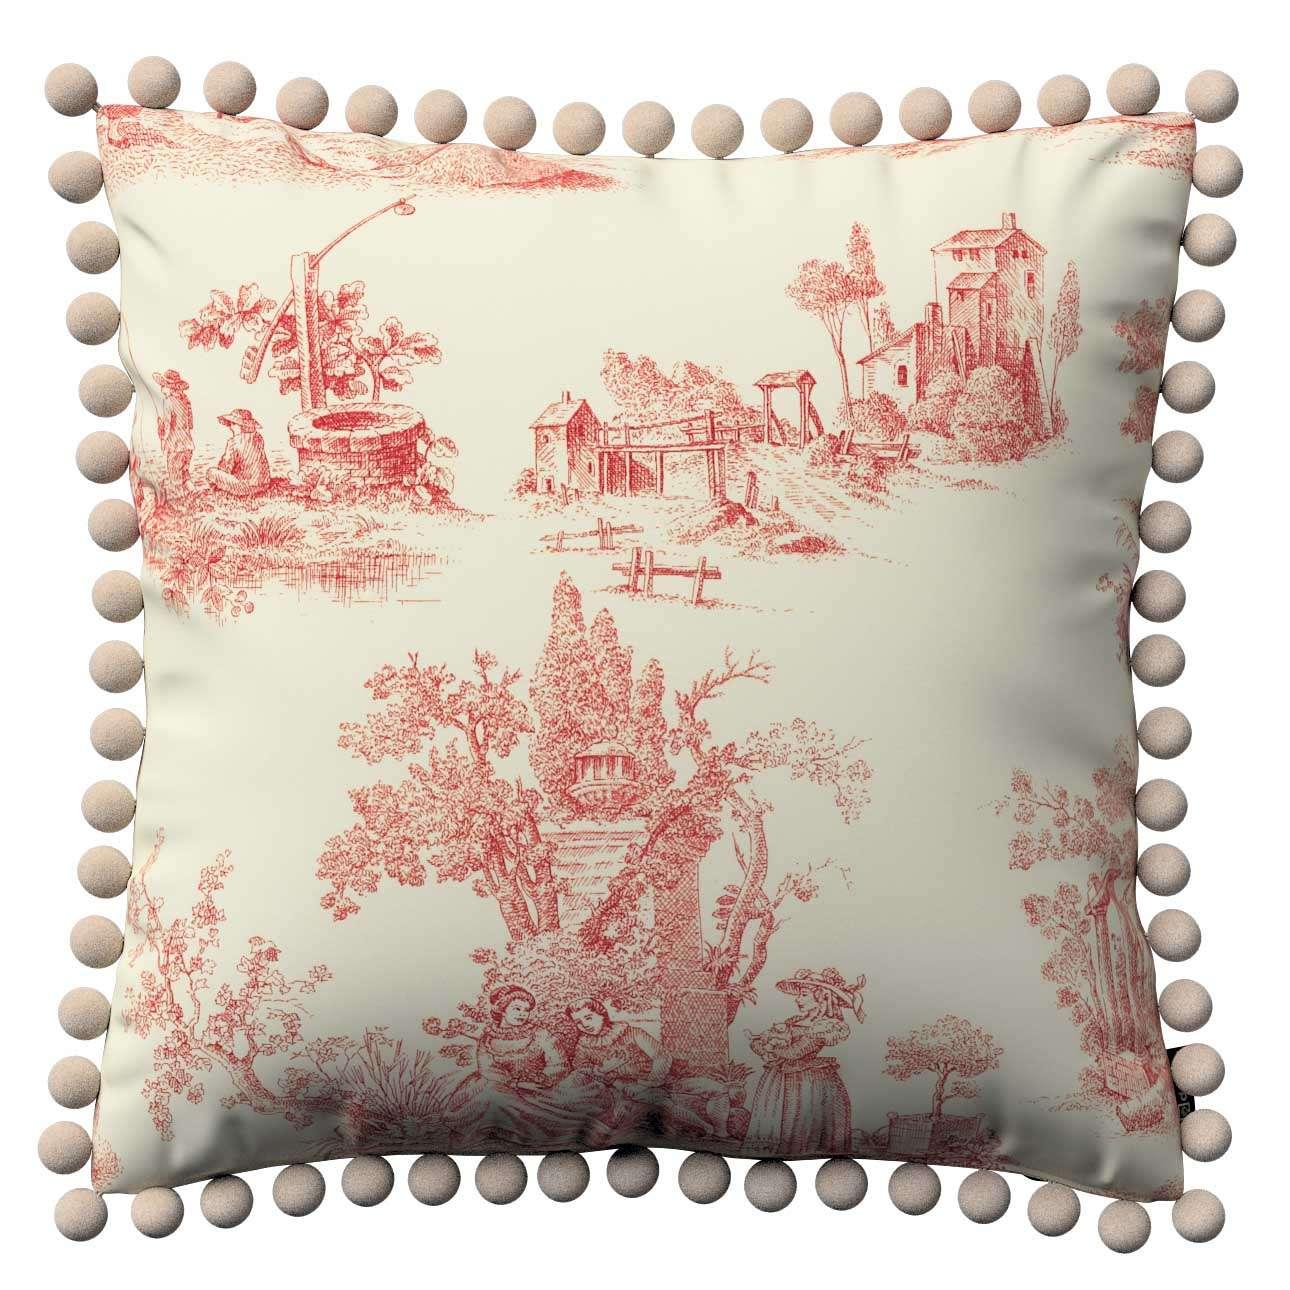 Poszewka Wera na poduszkę 45 x 45 cm w kolekcji Avinon, tkanina: 132-15